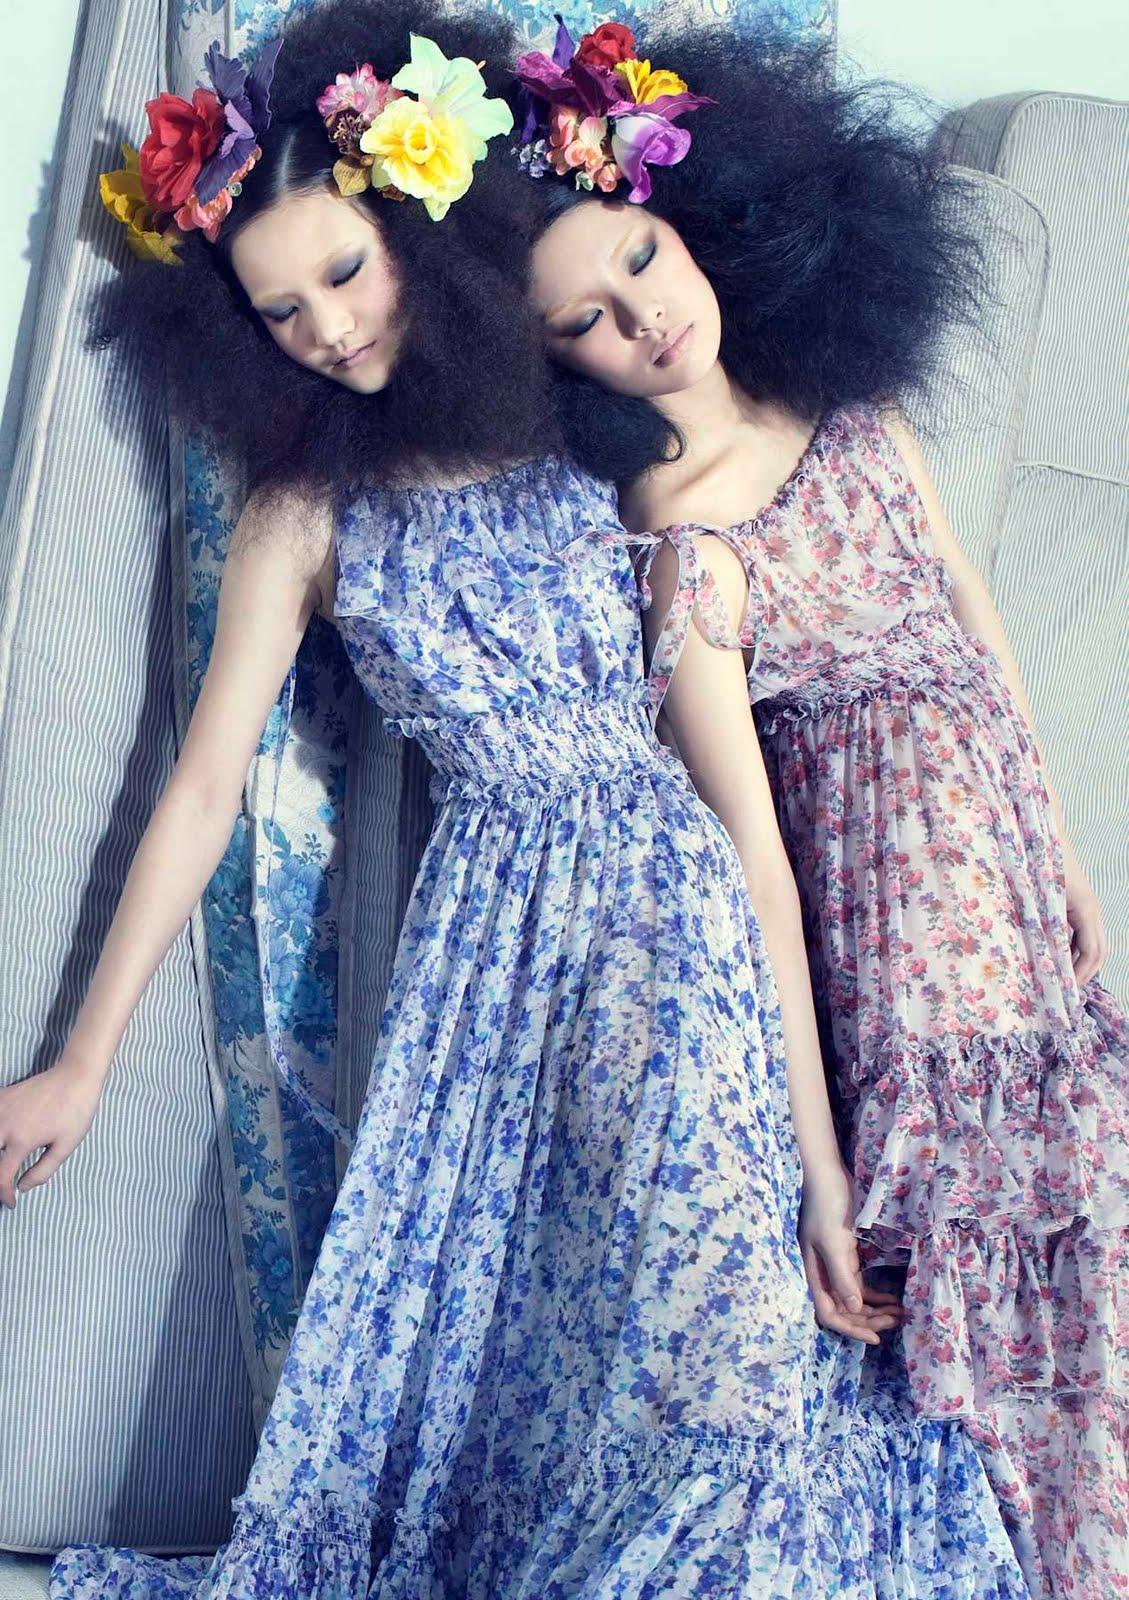 http://3.bp.blogspot.com/-iFbOk1qyo-8/ThXs74gQAjI/AAAAAAAAEsQ/XEKSaGMPkVs/s1600/la+modella+mafia+Stephanie+Lee+and+Kim+Koo+x+Glass+Magazine+Spring+2011+by+Micaela+Rossato.jpg